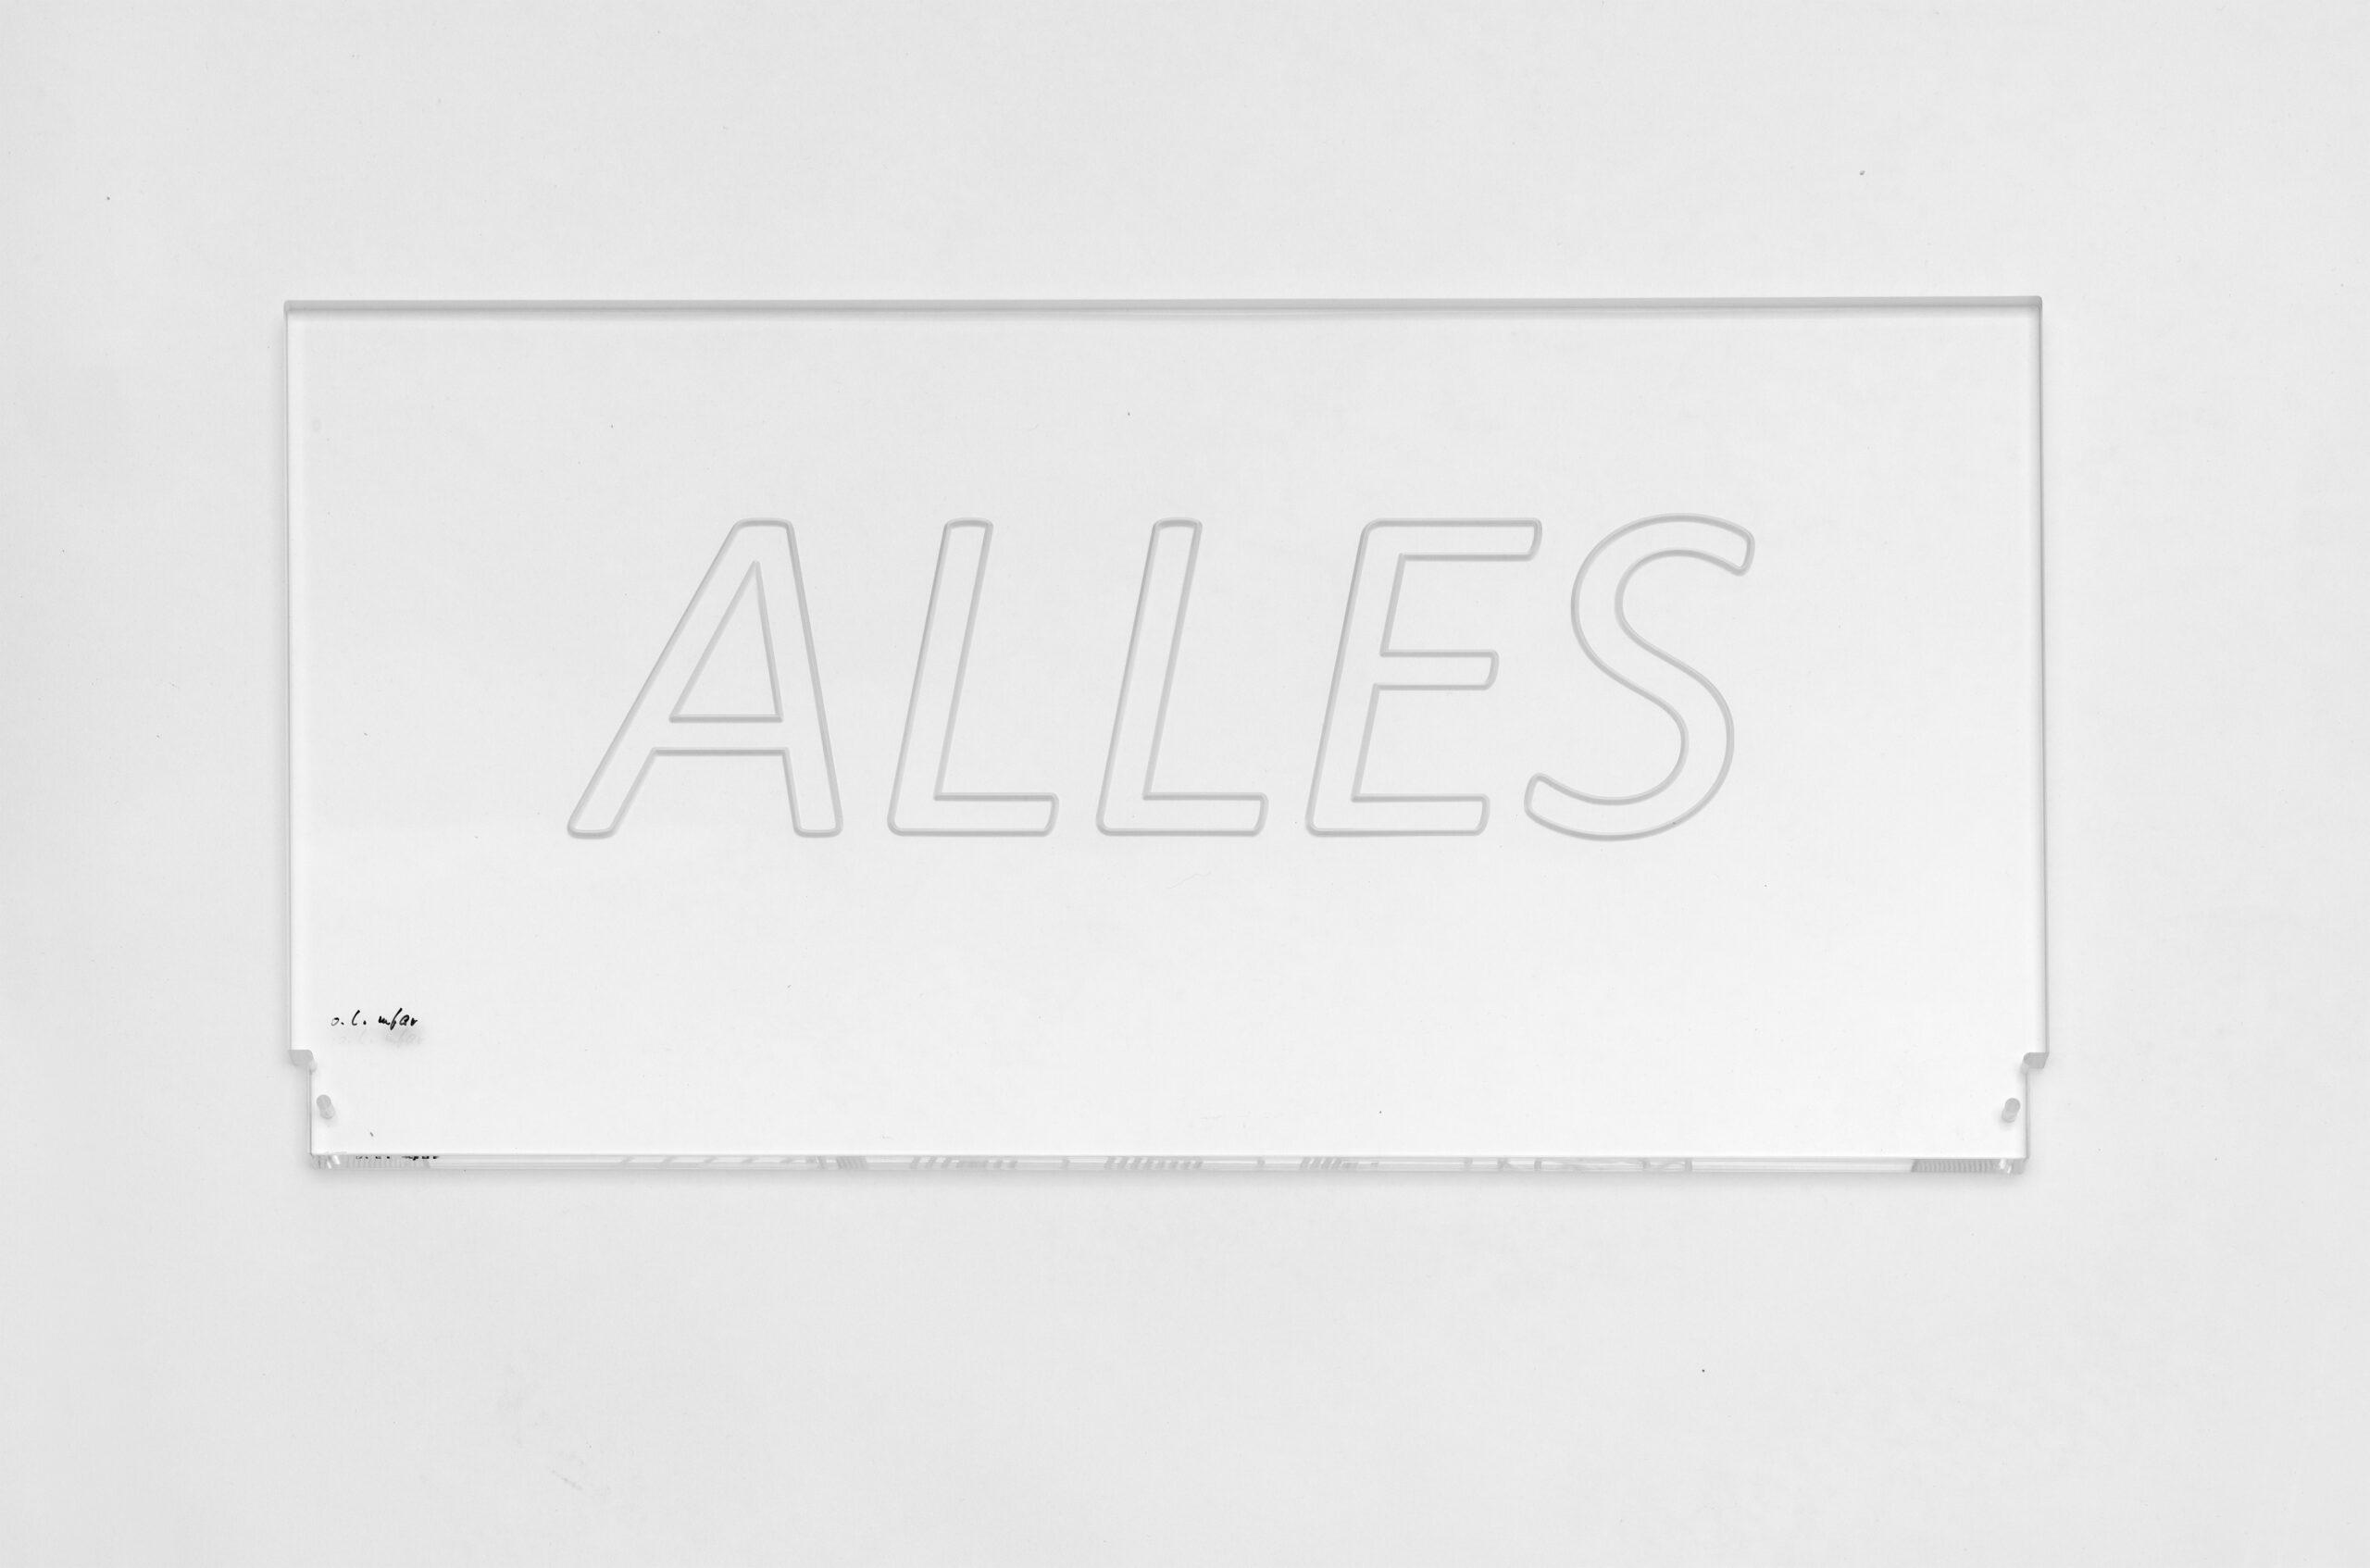 alles-acryglas-simple